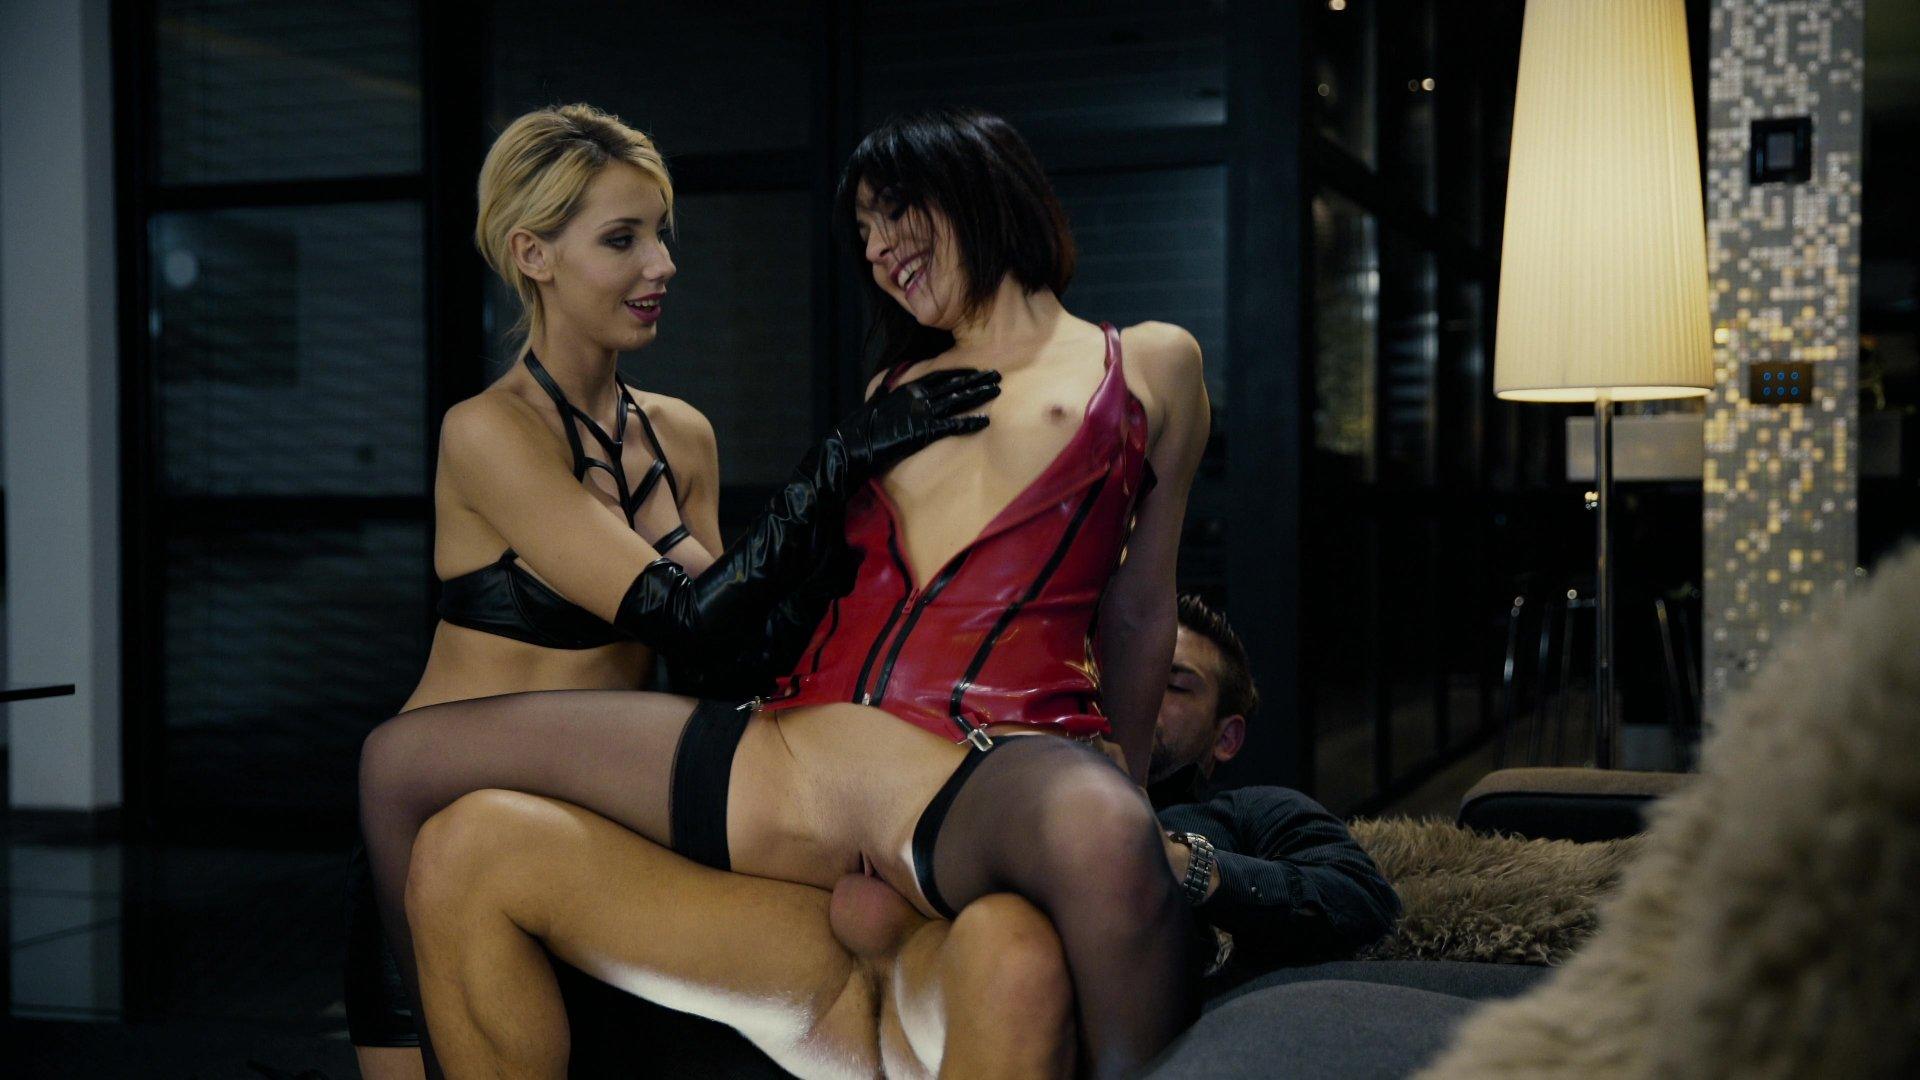 восемь-десять недель эскорт порно фильм межрасовый секс